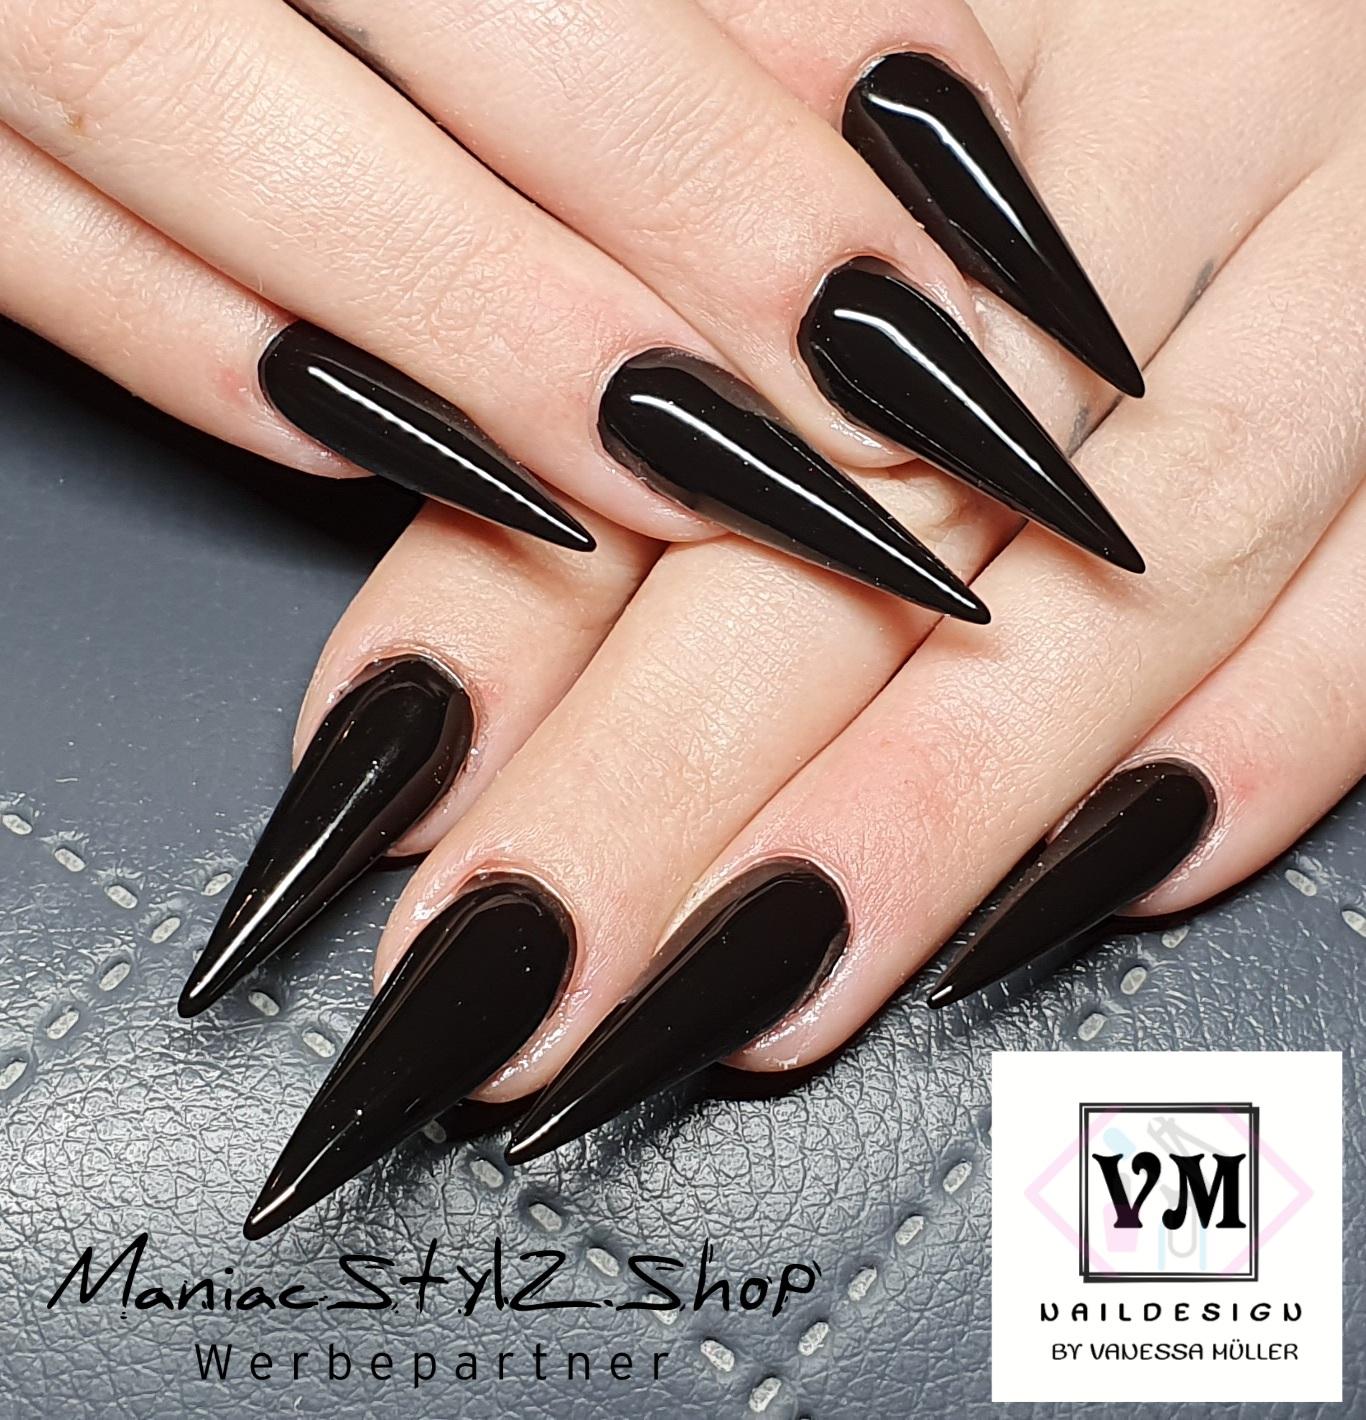 nagel design - maniac stylz 18